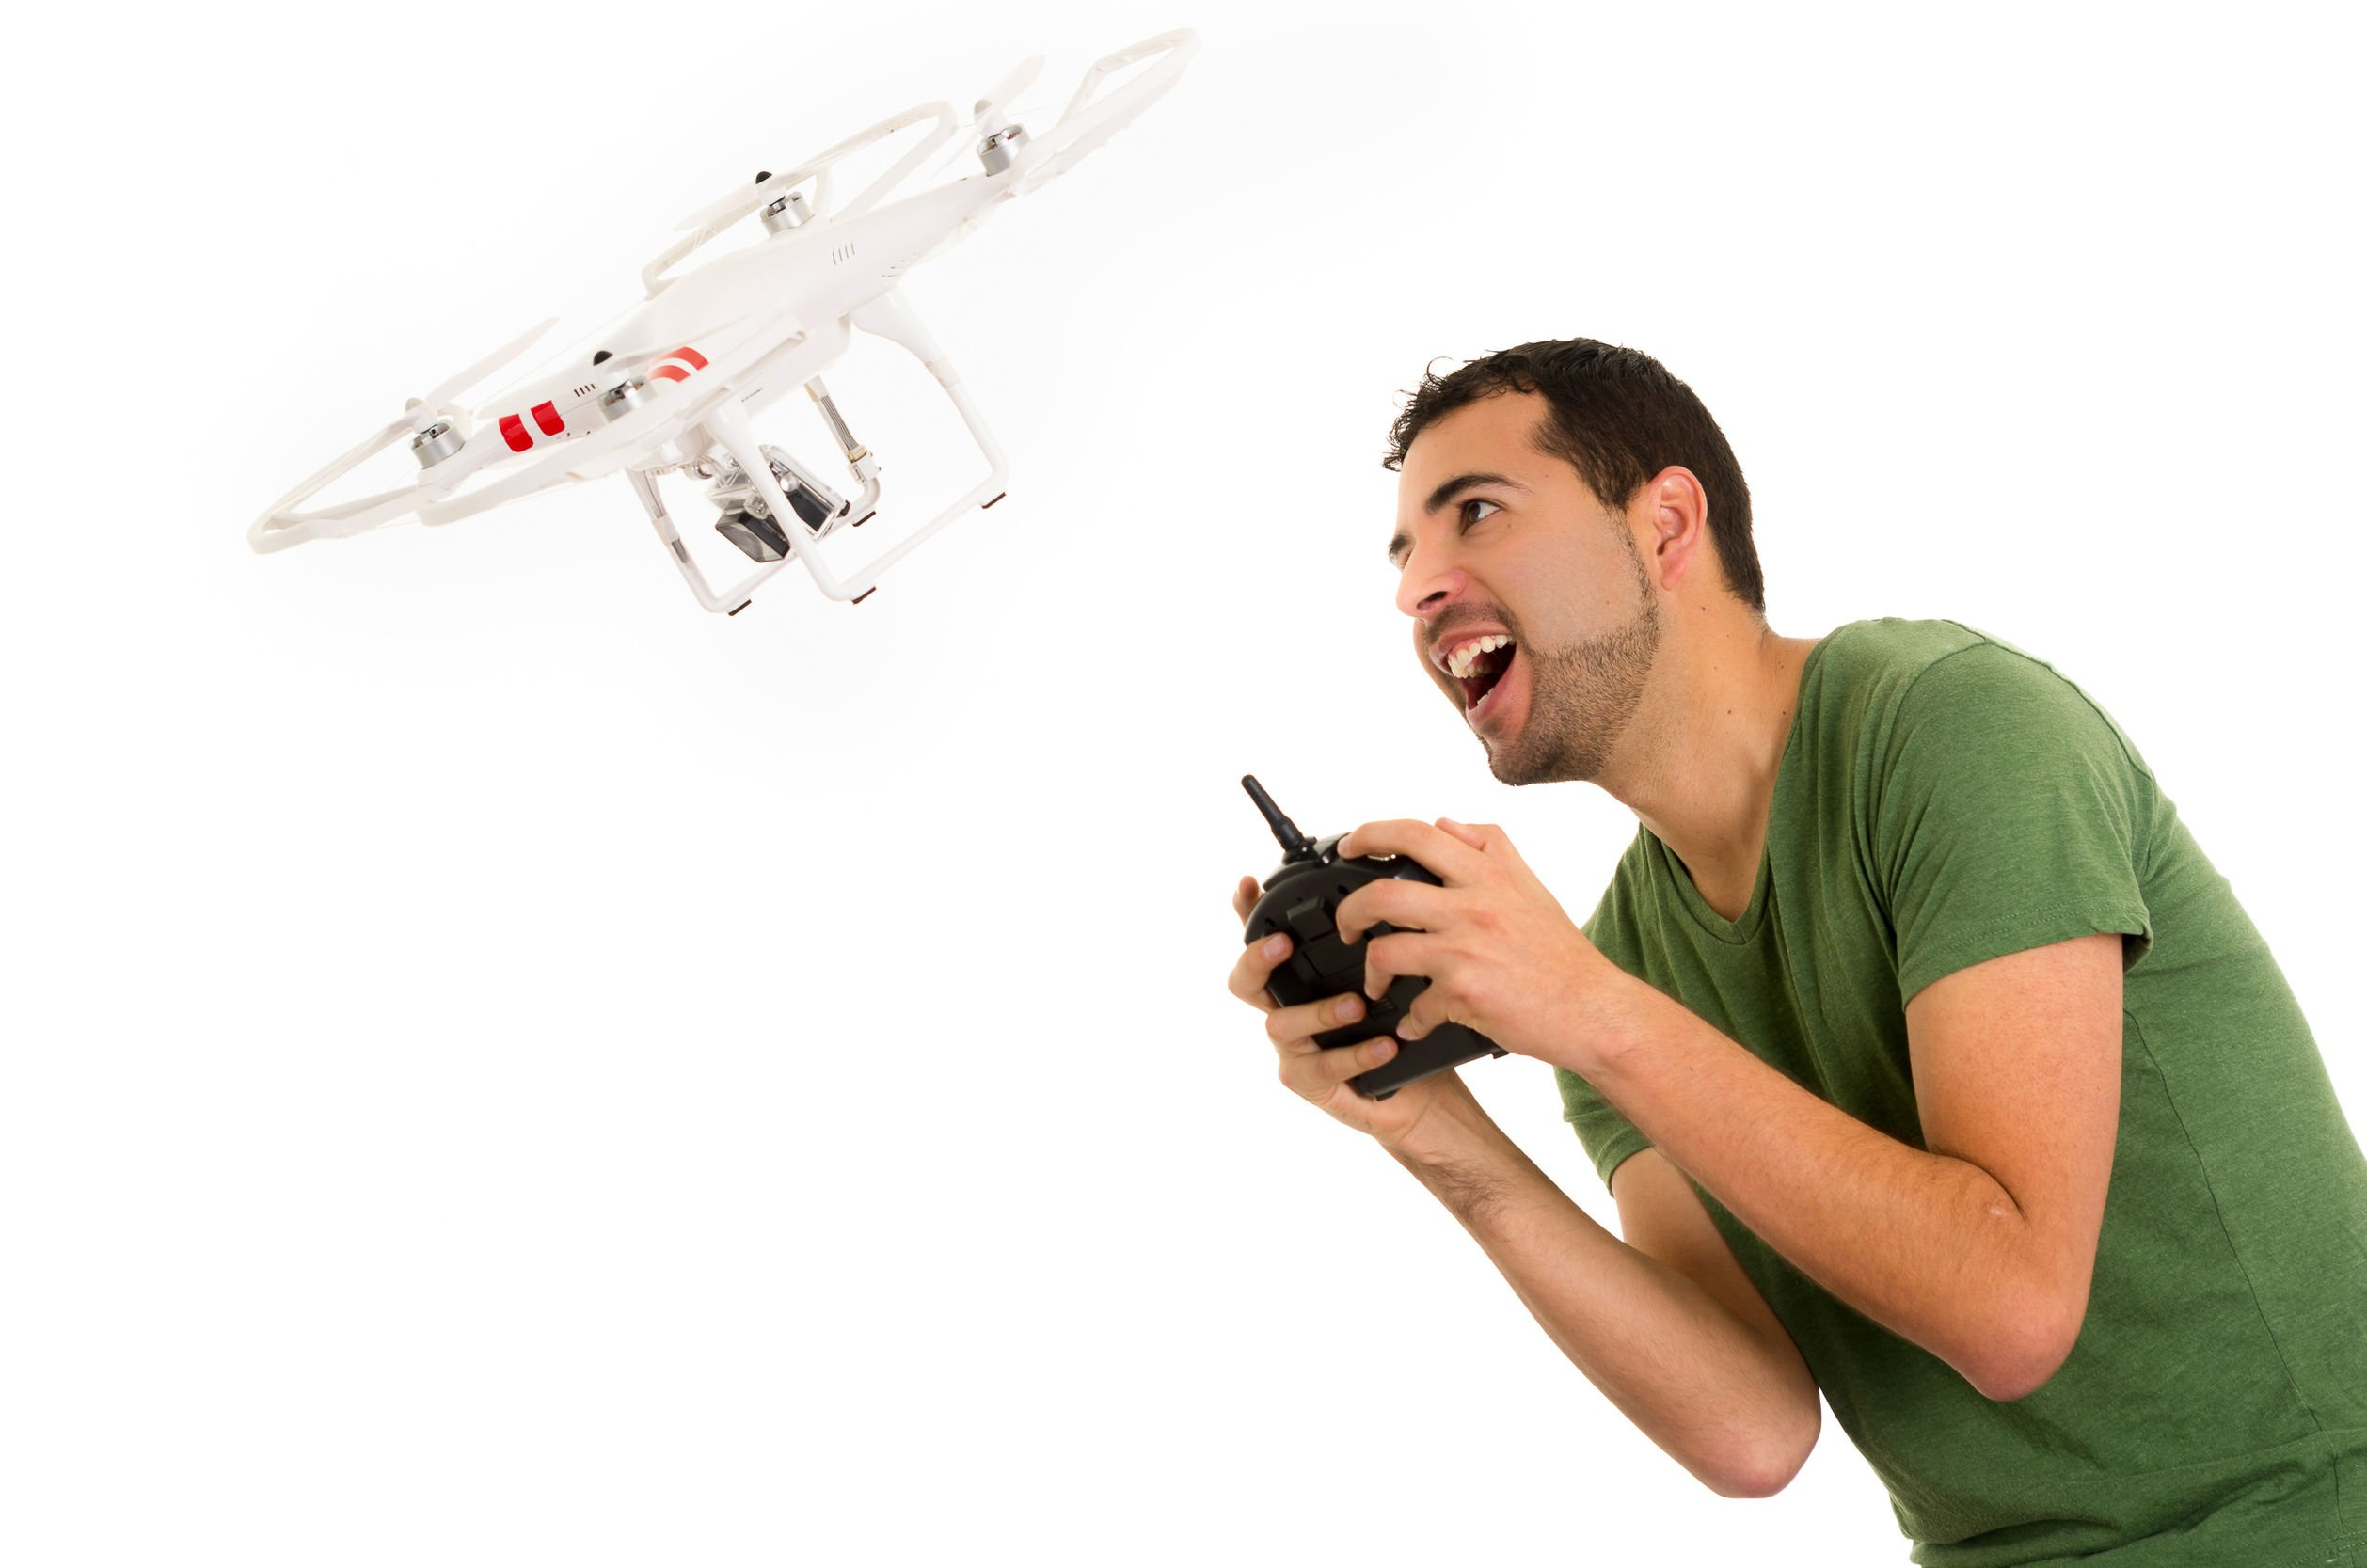 79df9bebd Dron a rc model vrtulníku: vánoční dárek, potěší děti i muže!